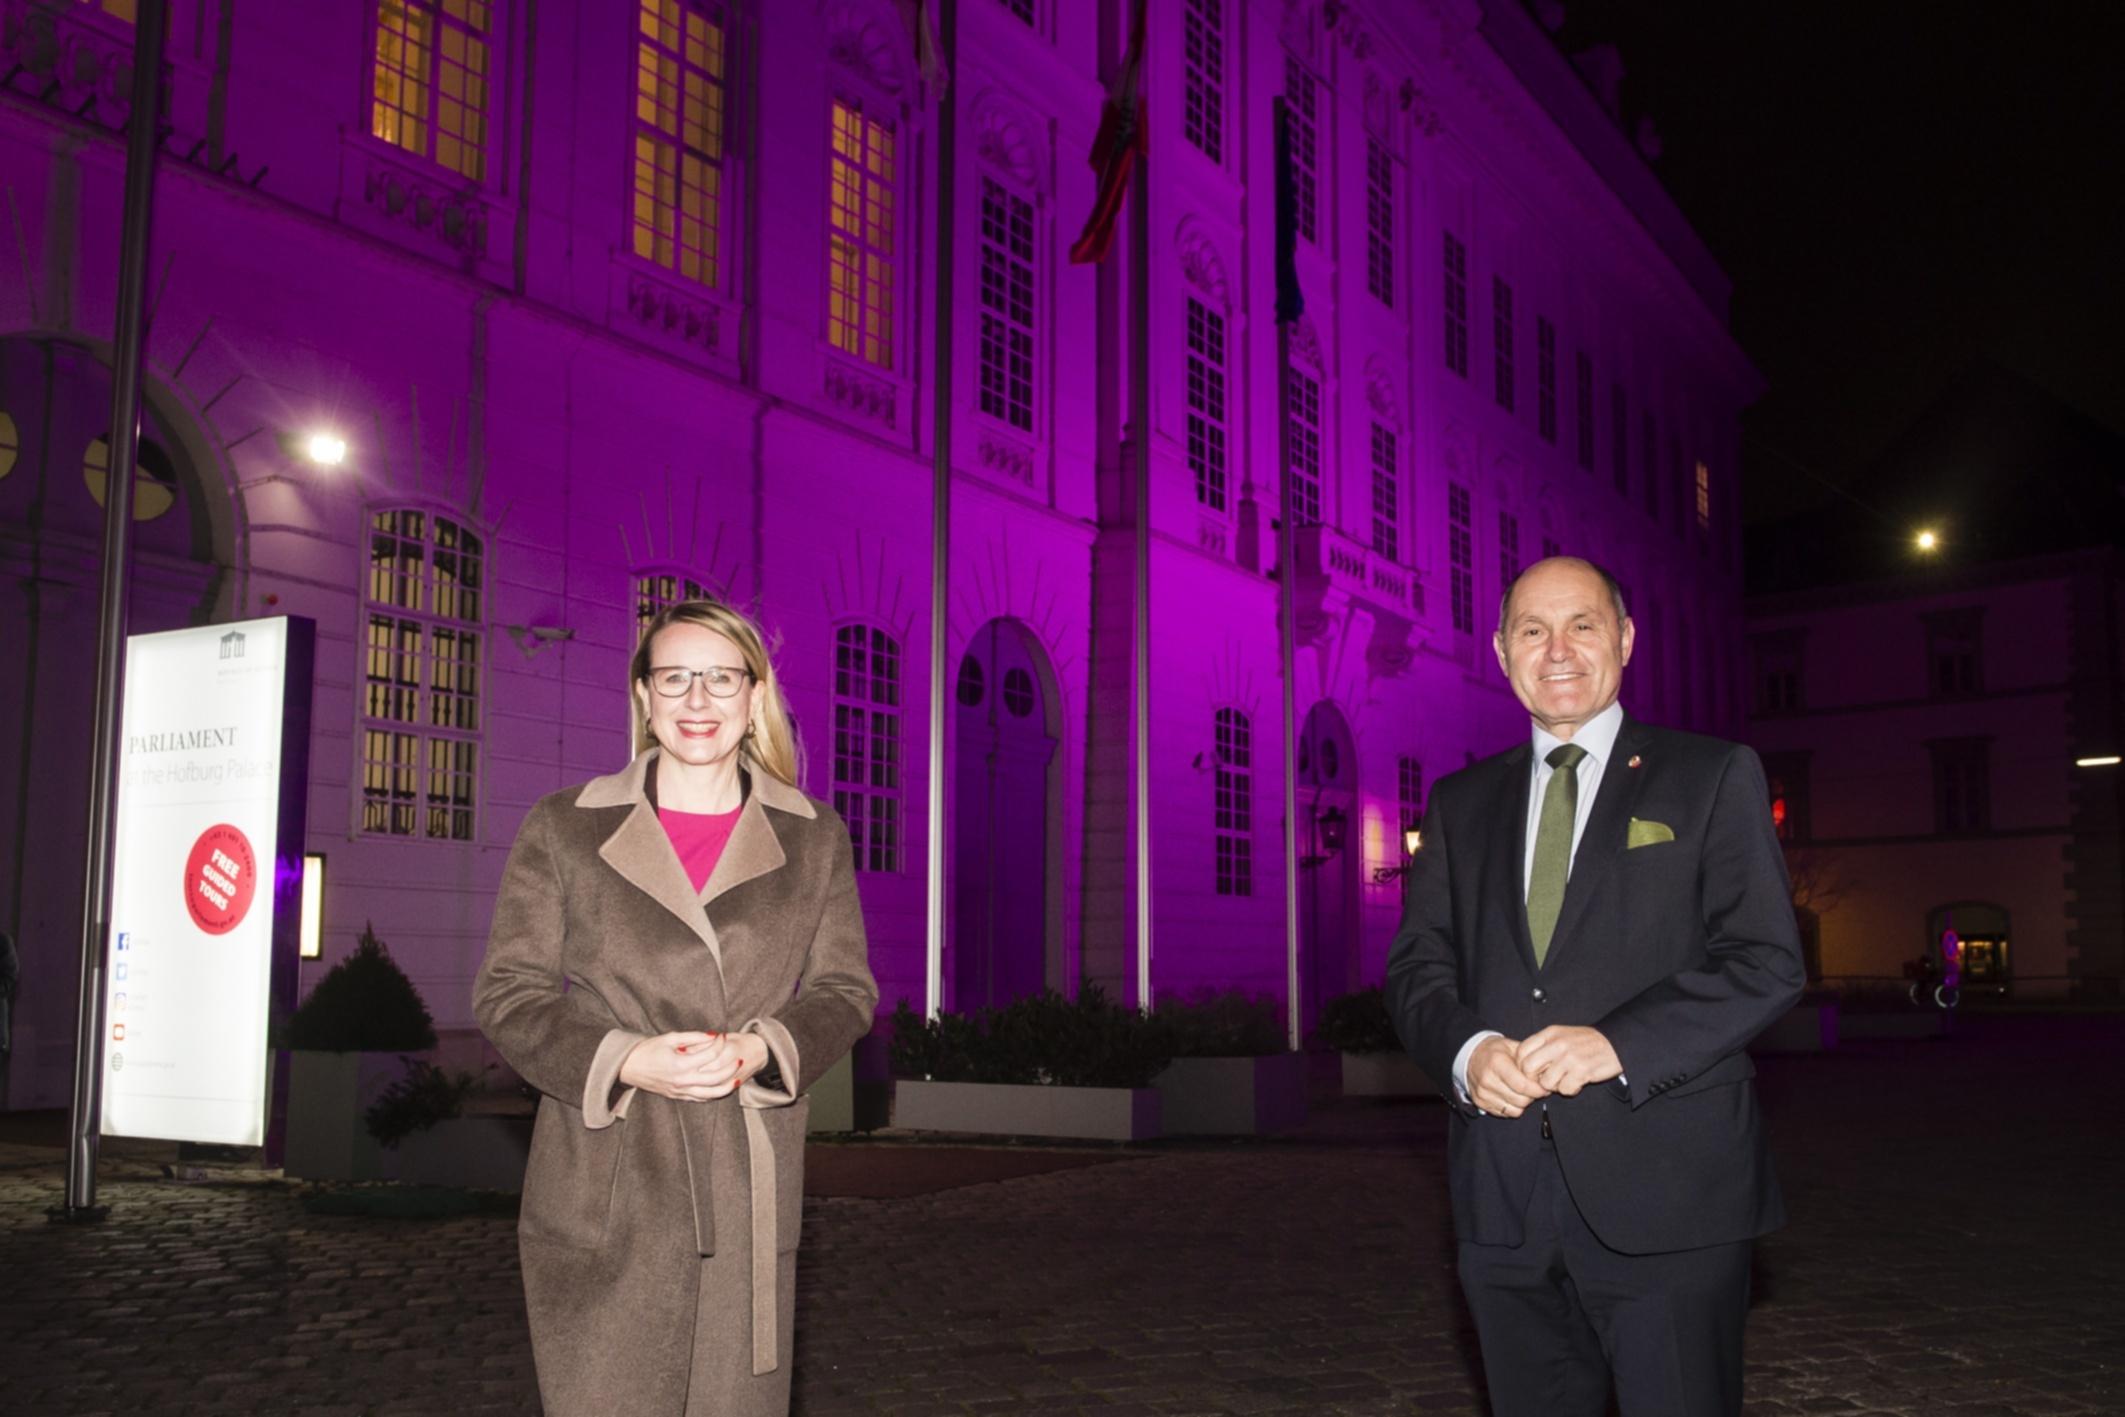 Purple Light Up Von rechts: Nationalratspräsident Wolfgang Sobotka (ÖVP), Wirtschaftsministerin Margarete Schramböck (ÖVP) Aufnahmedatum: 02.12.2020 © Parlamentsdirektion / Thomas Jantzen